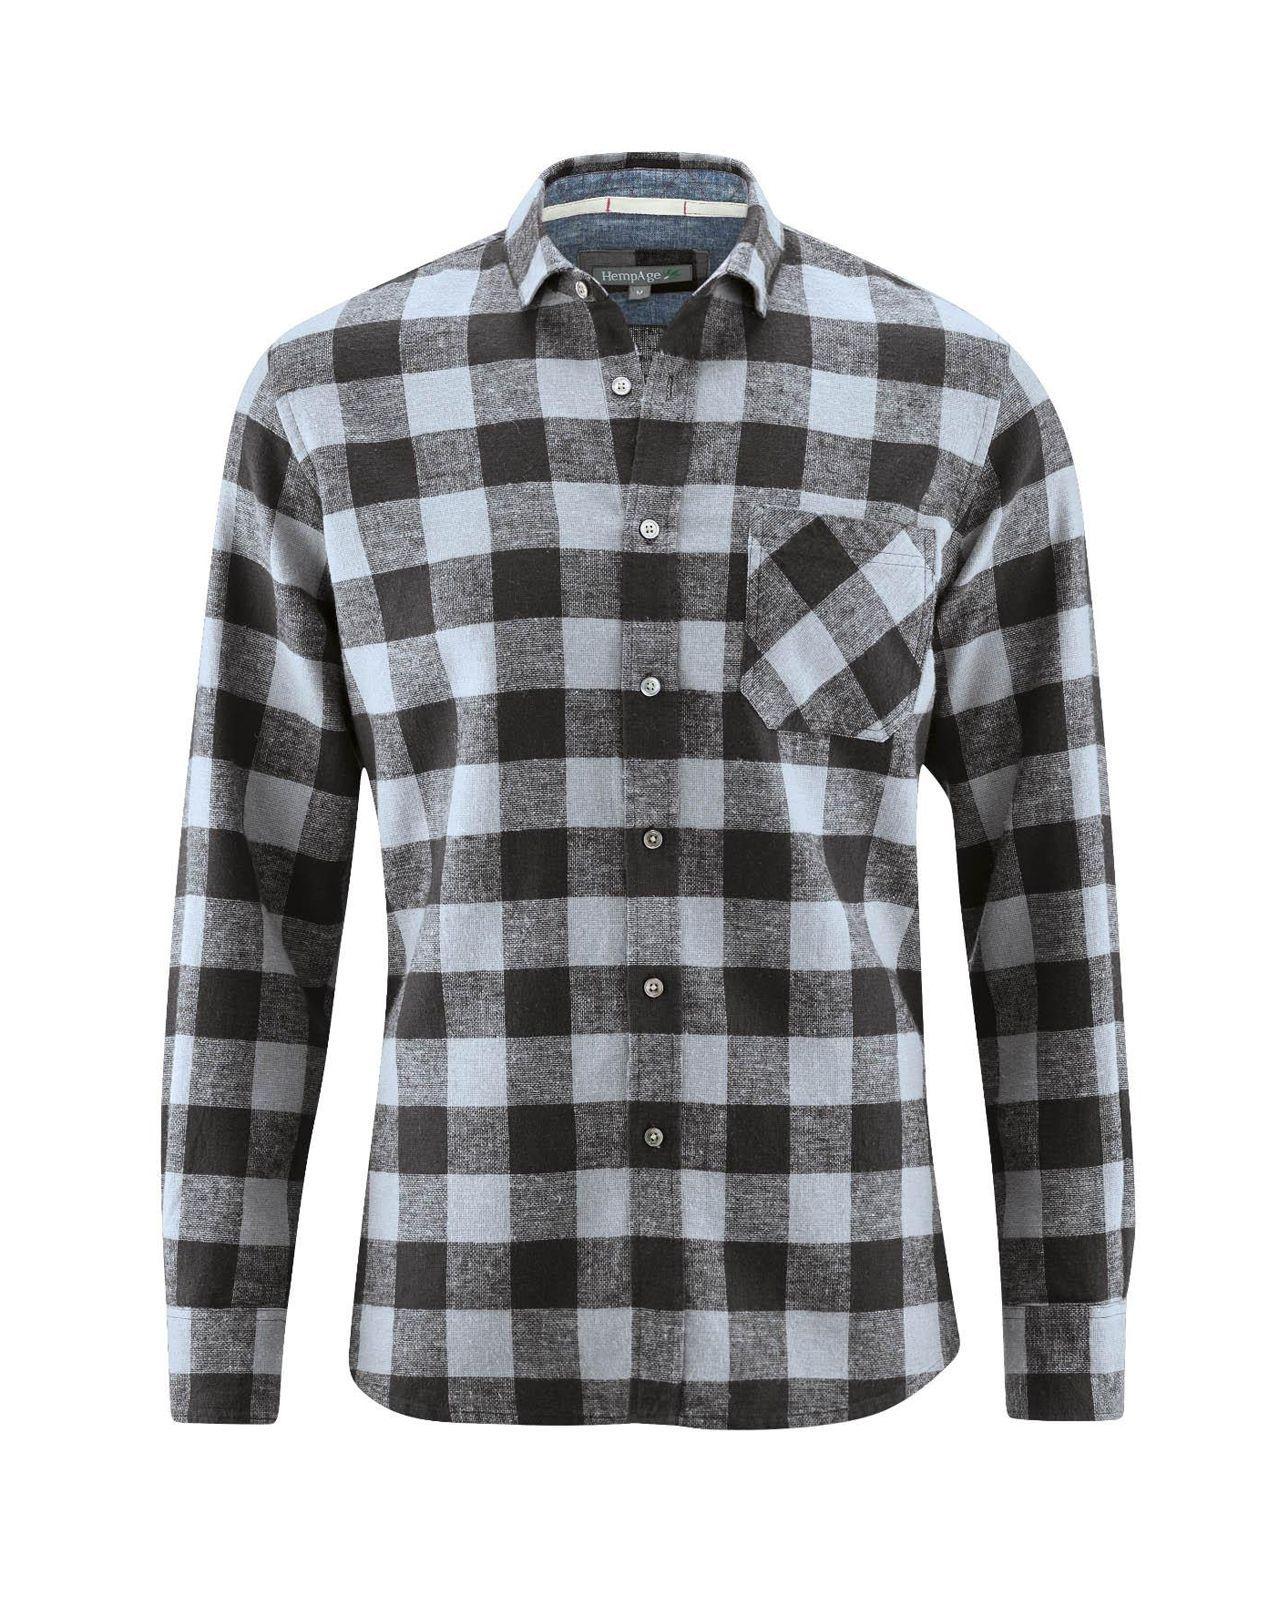 12df1c4babdd3 Camisa de cuadros hombre. Ropa de cáñamo y algodón orgánico - Fieito